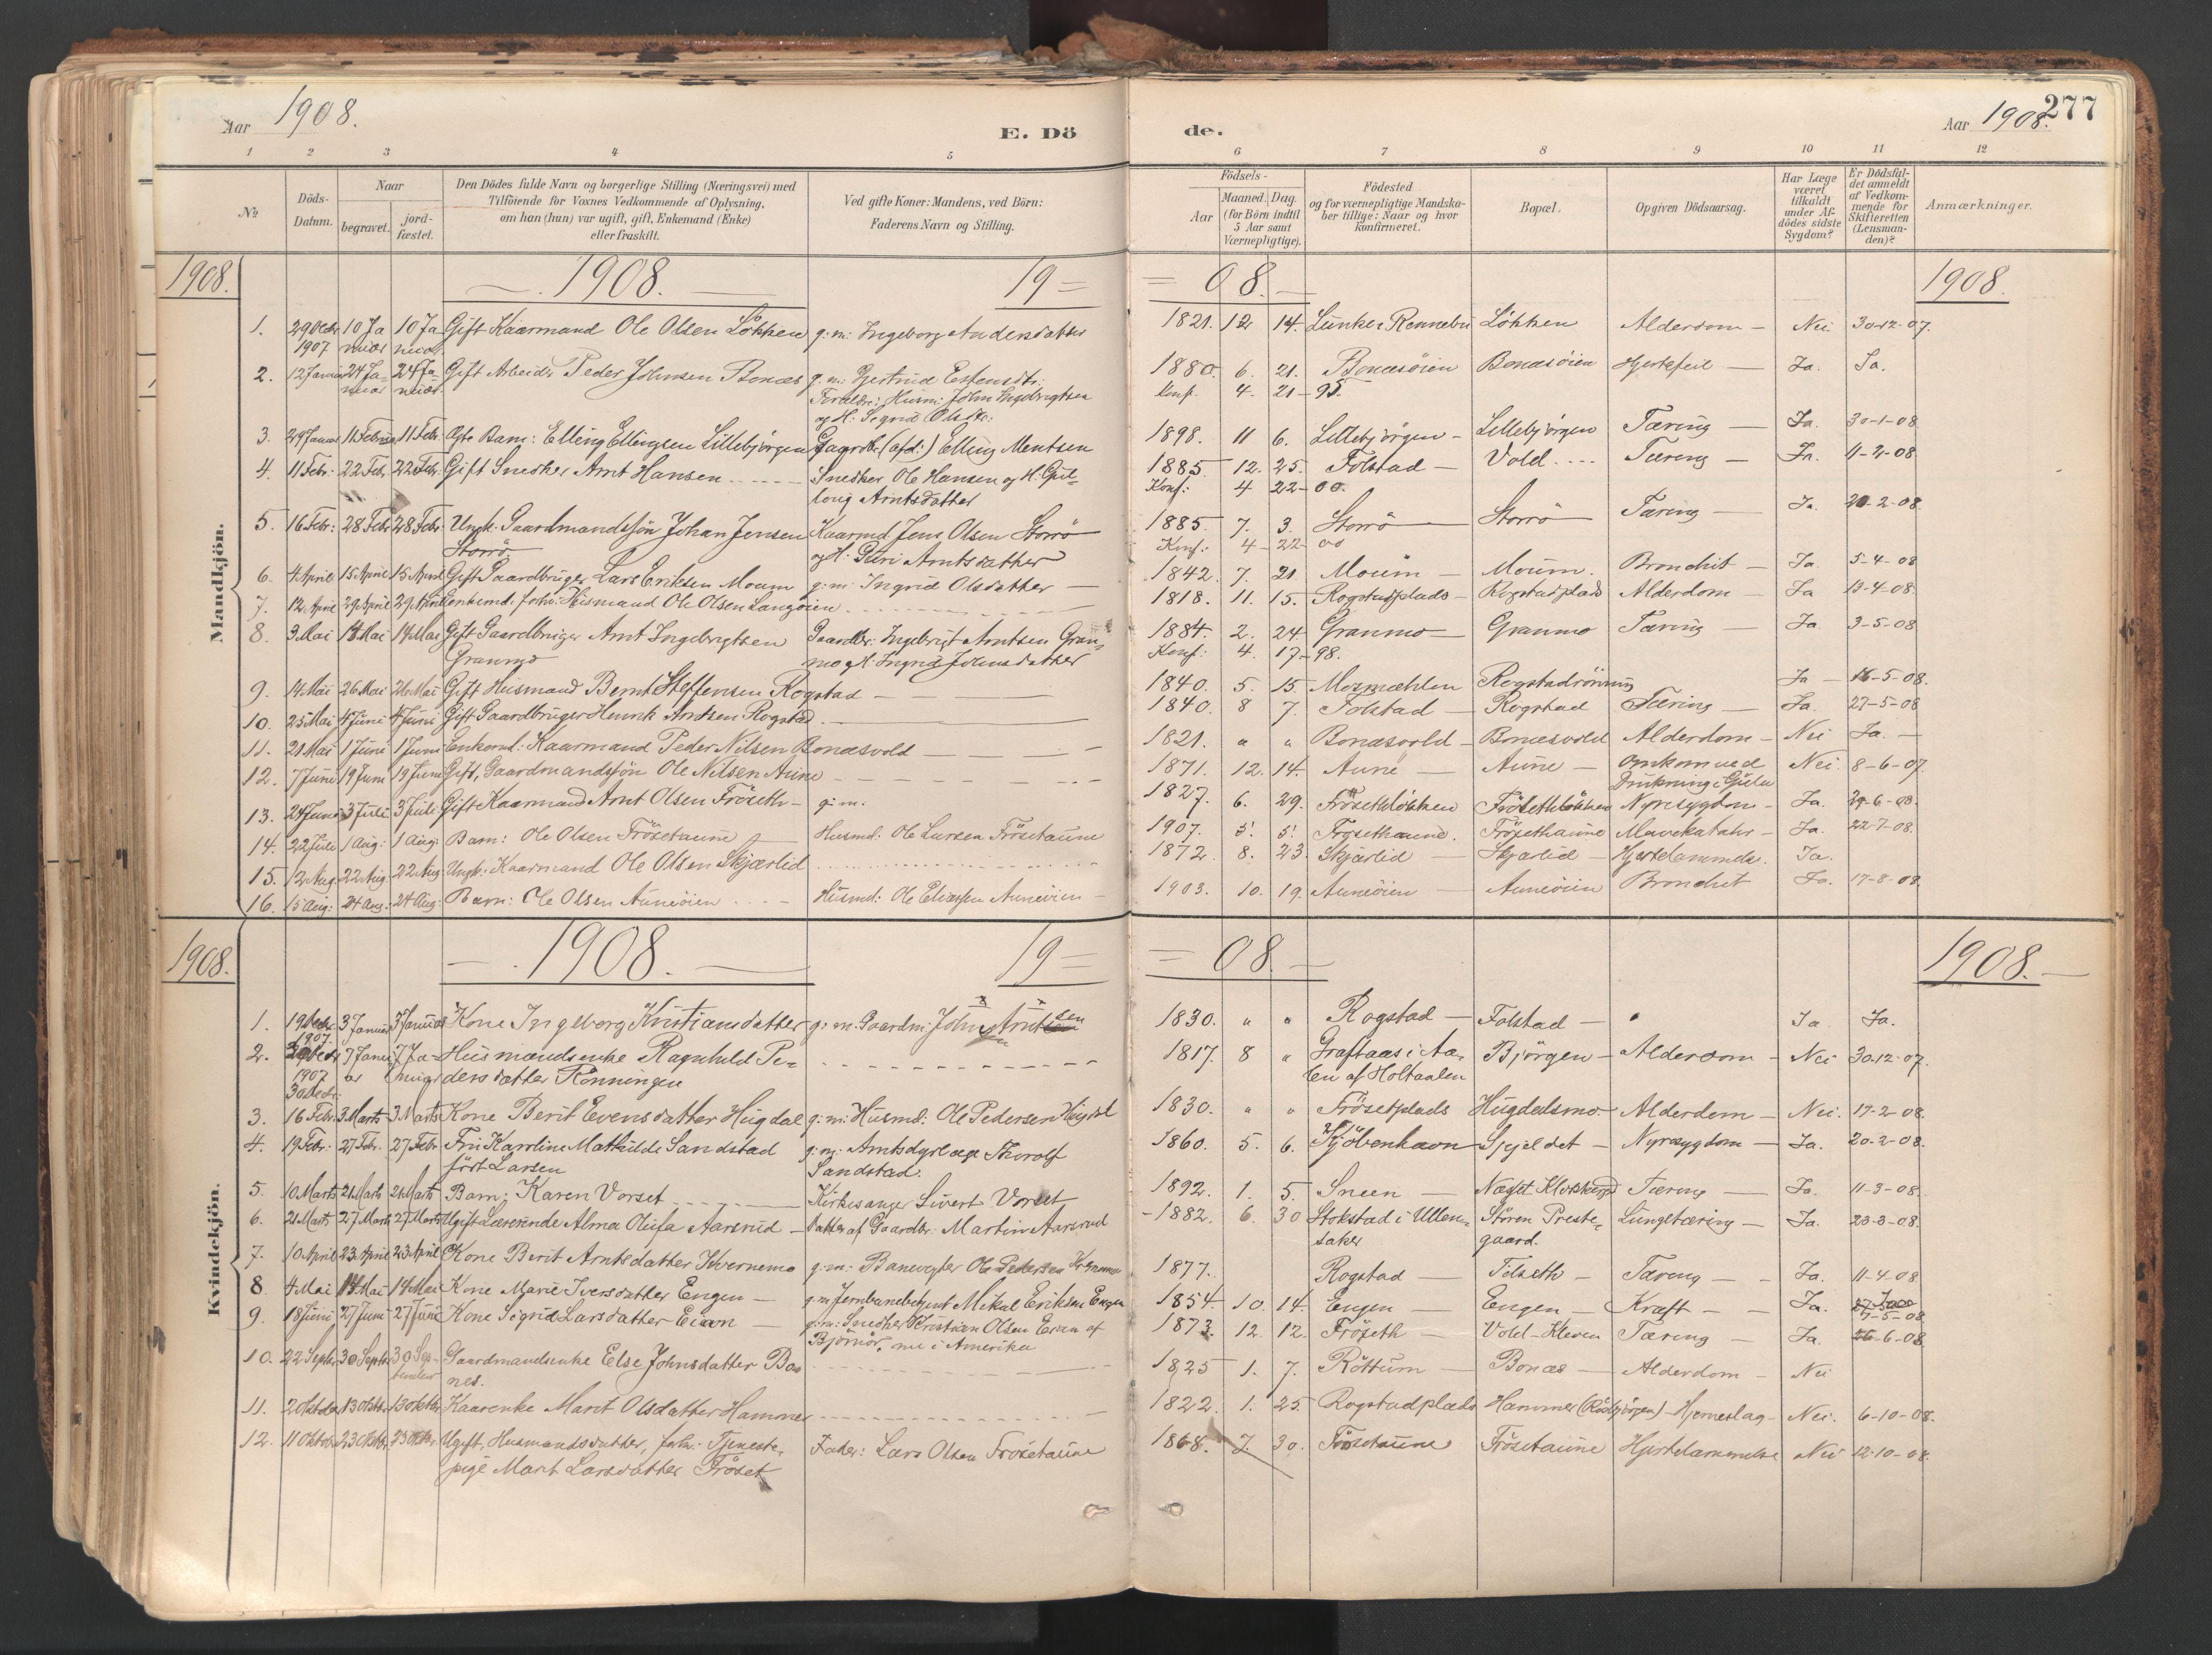 SAT, Ministerialprotokoller, klokkerbøker og fødselsregistre - Sør-Trøndelag, 687/L1004: Ministerialbok nr. 687A10, 1891-1923, s. 277